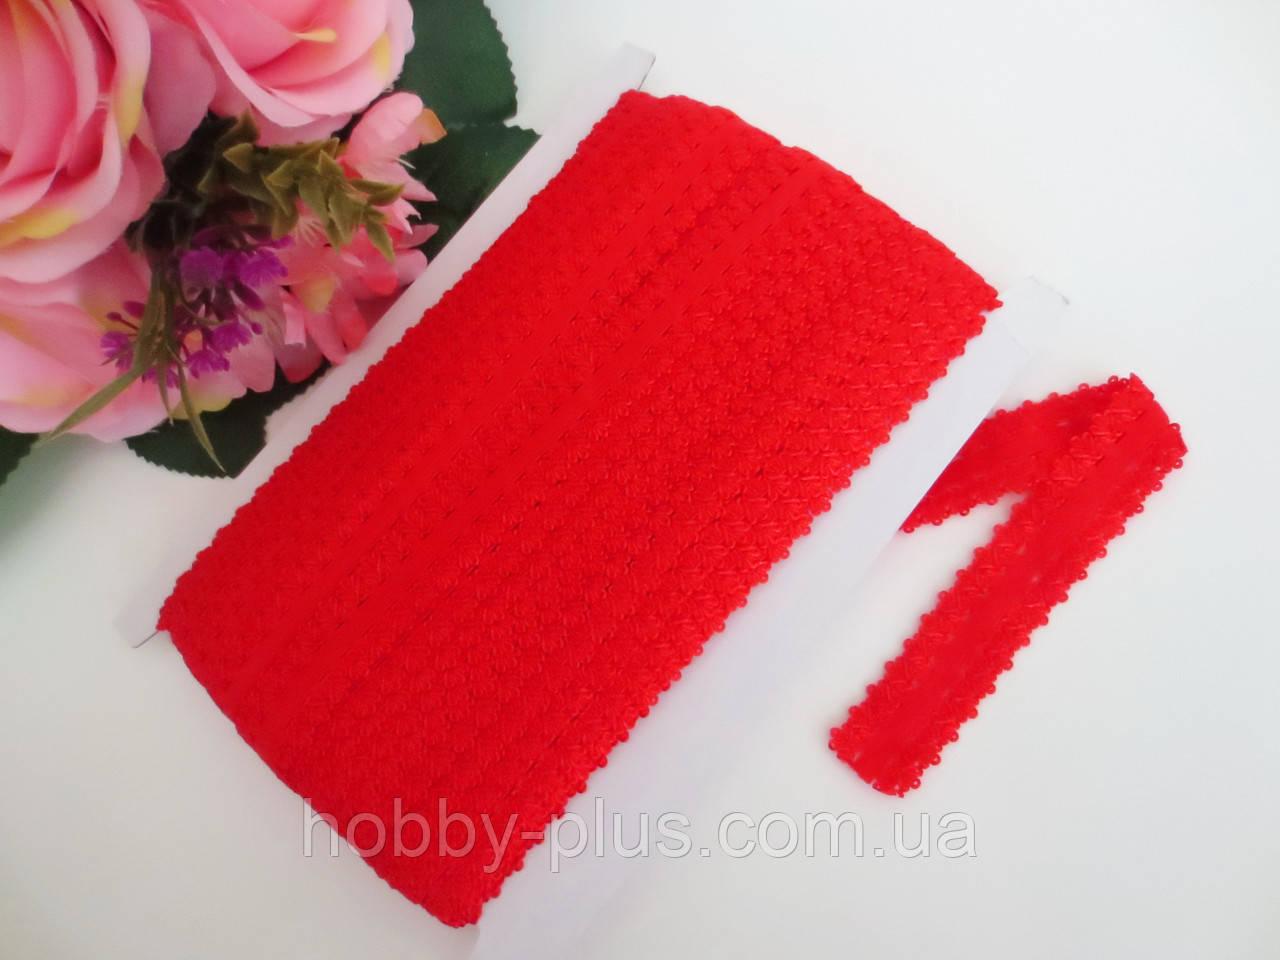 Бейка-резинка ажурная для повязок, красный, 23 мм